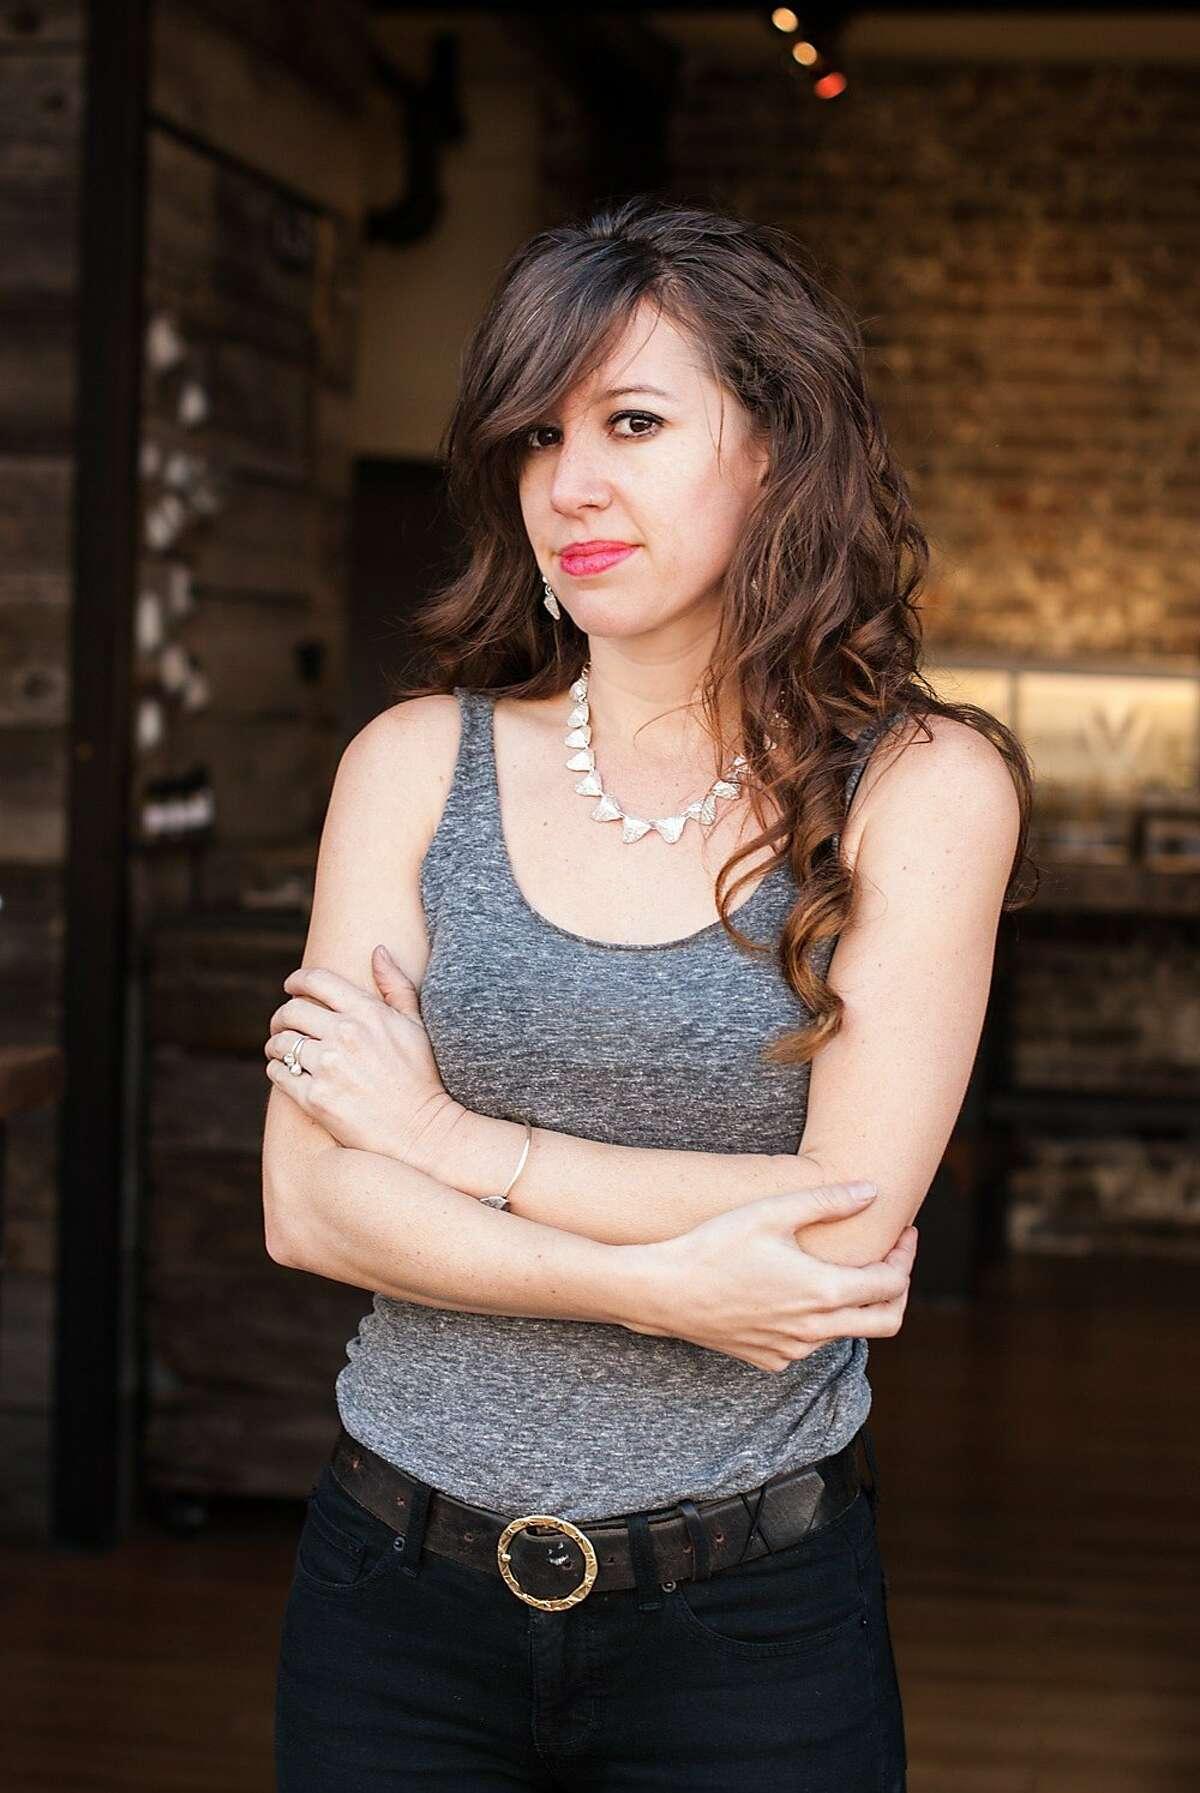 Kate Ellen, of Kate Ellen Metals jewelry